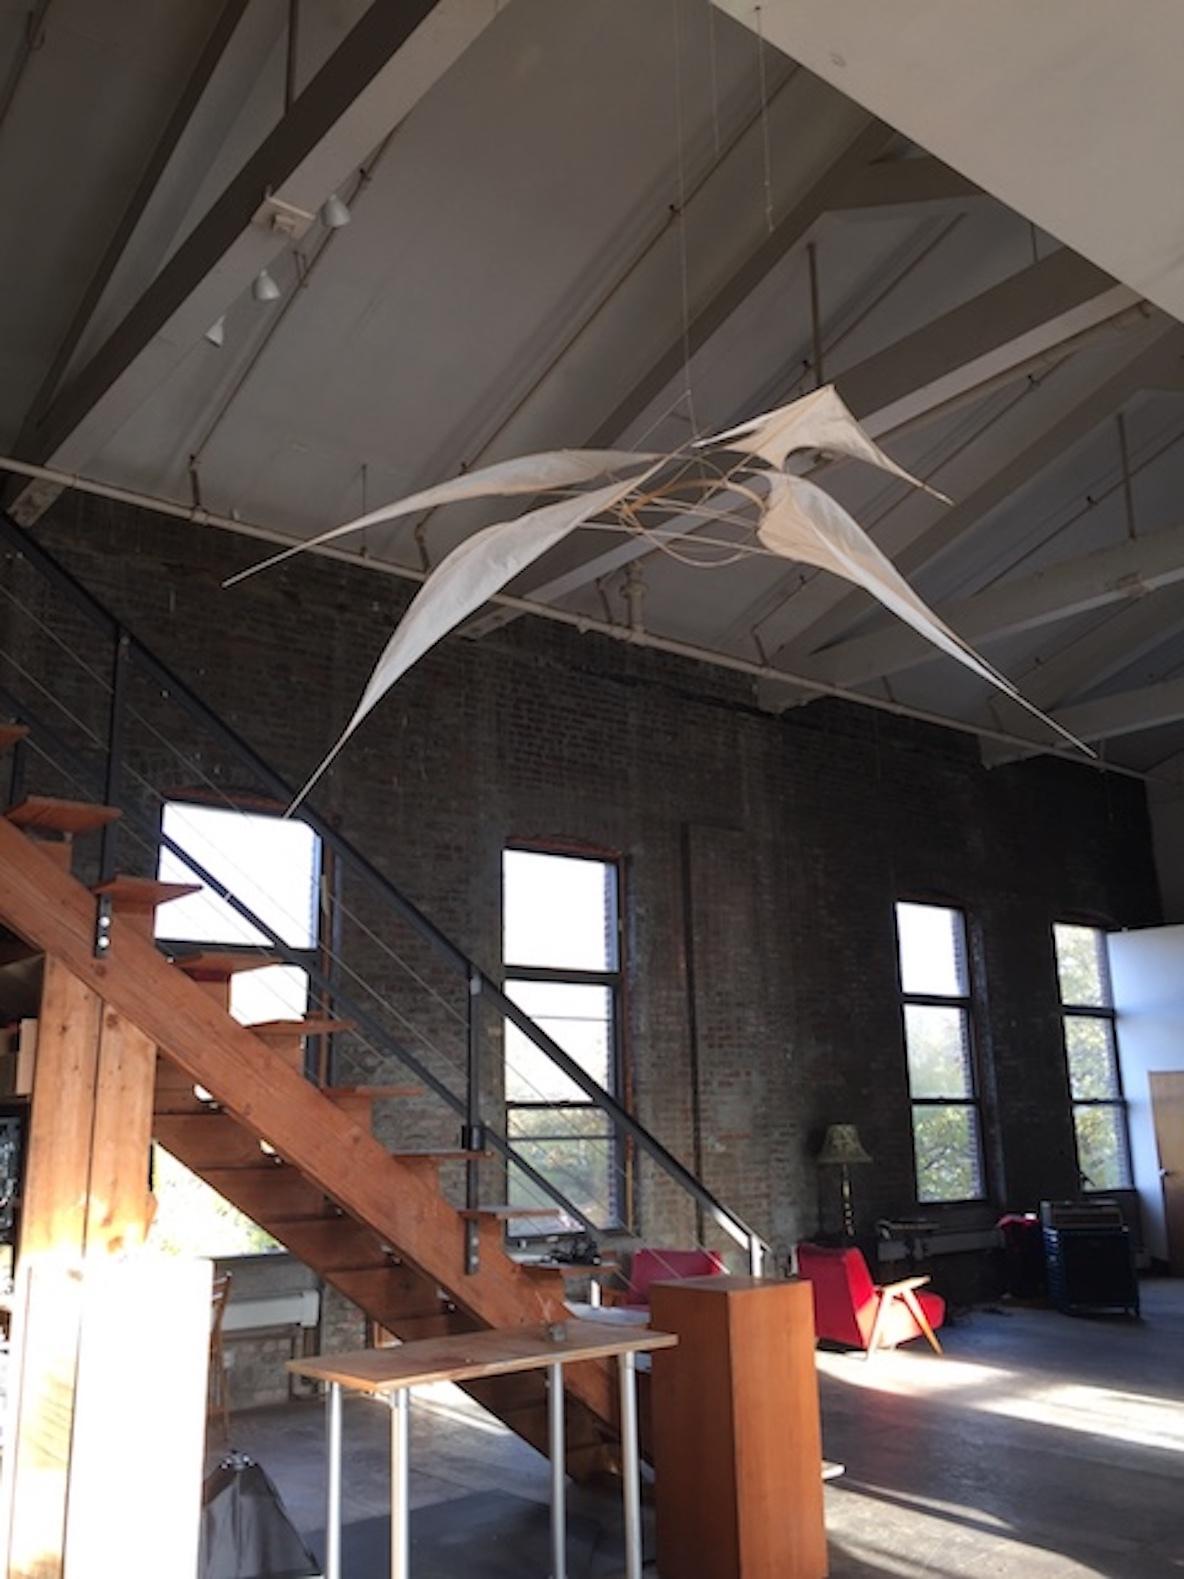 11人のアーティストが暮らす、ニューヨーク・ブルックリンのレトロなアパートメントのリビングはレンガ造り